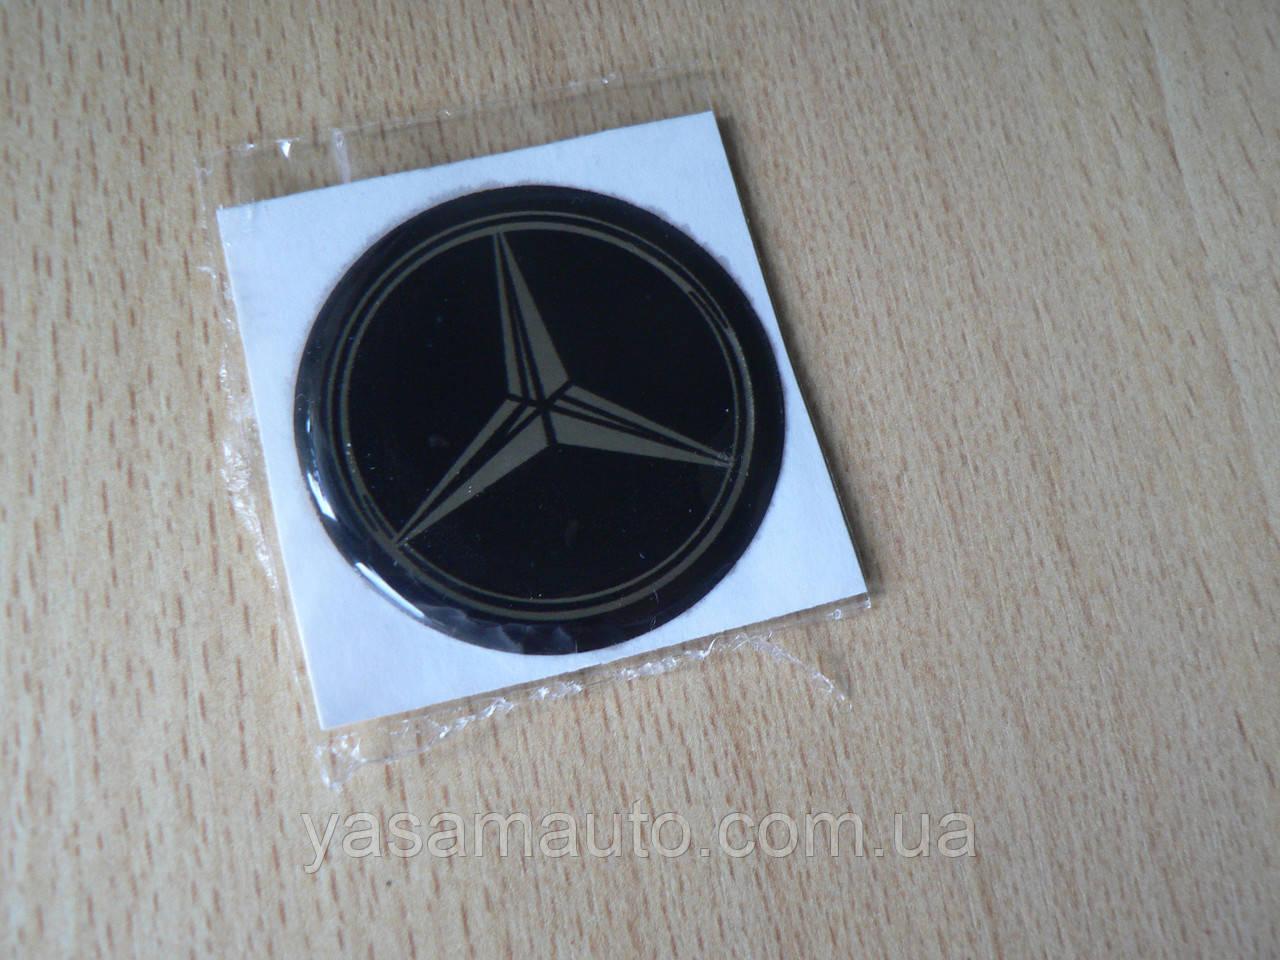 Наклейка s круглая Mercedes 40х40х1.7мм силиконовая эмблема логотип марка бренд в круге на авто Мерседес